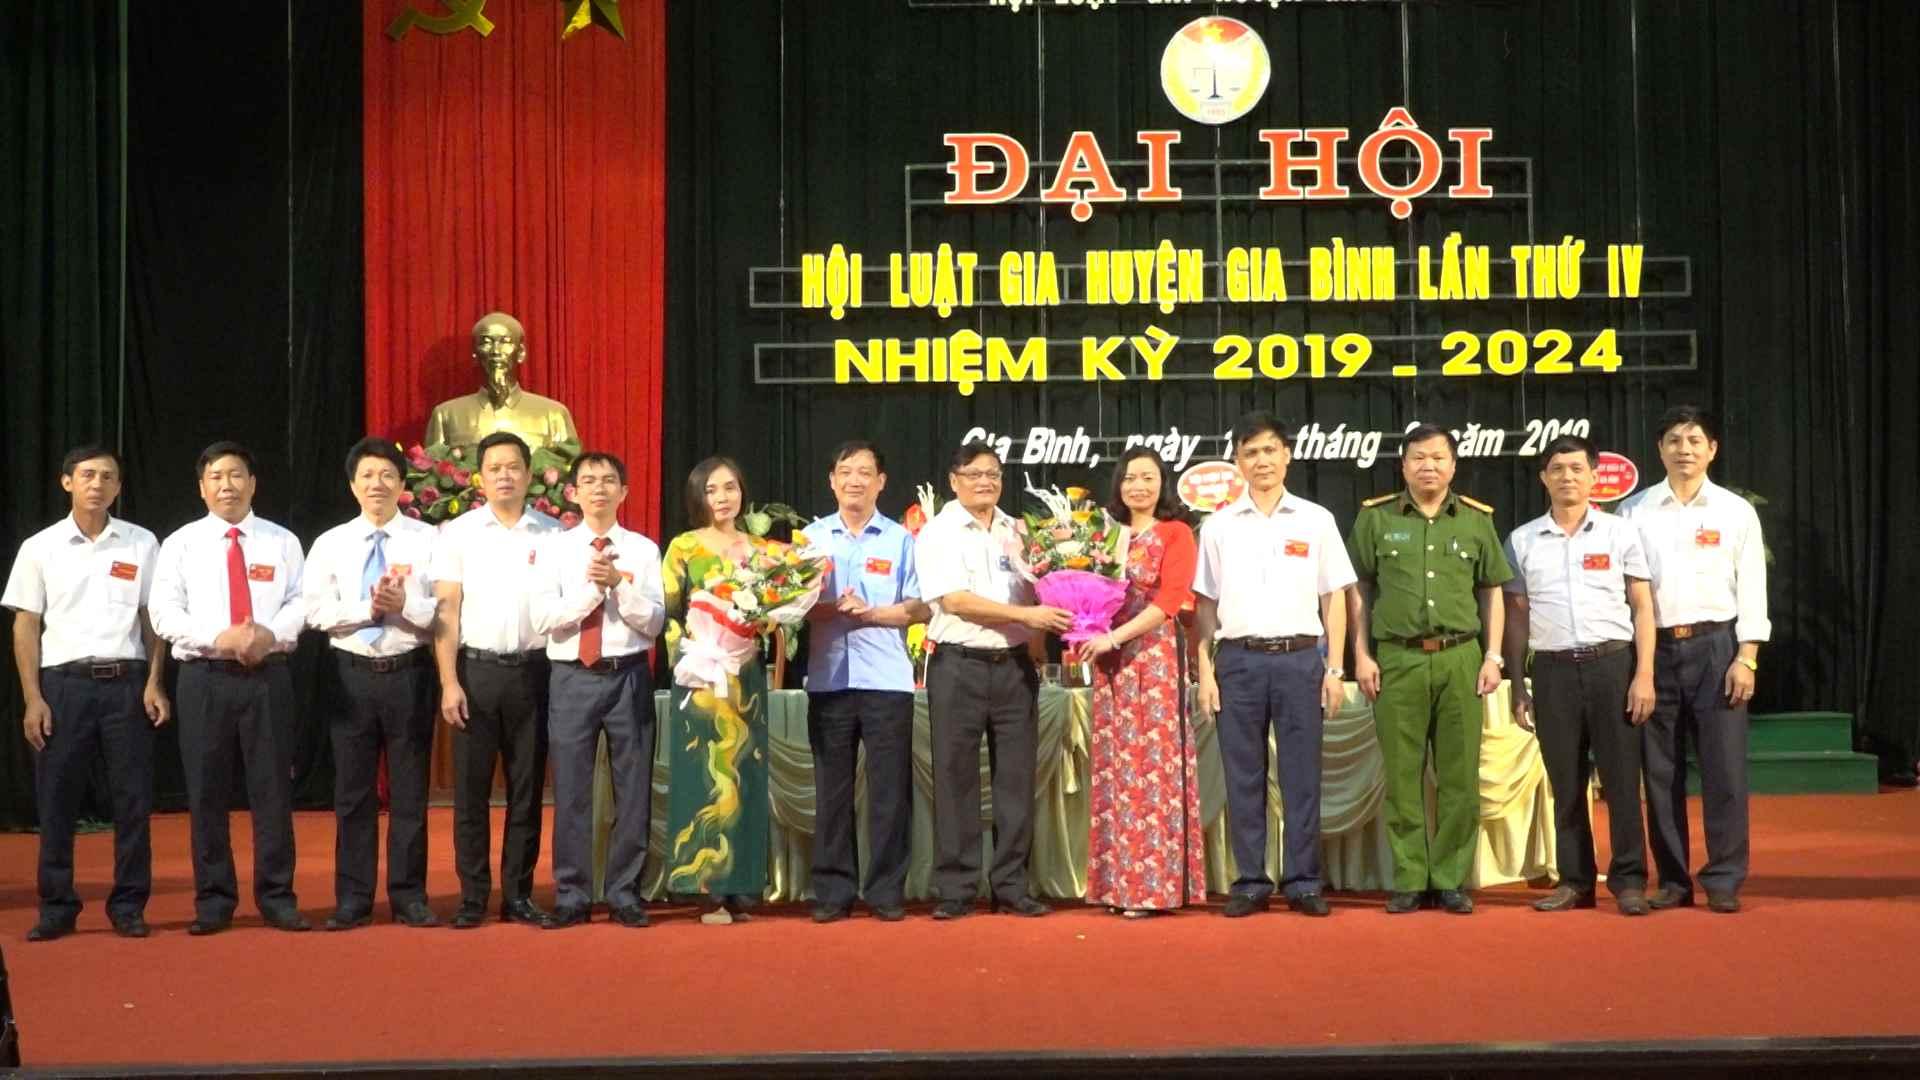 Hội luật gia huyện Gia Bình (Bắc Ninh): Tham mưu xây dựng nhiều chủ trương, chính sách của tỉnh, huyện - Ảnh 1